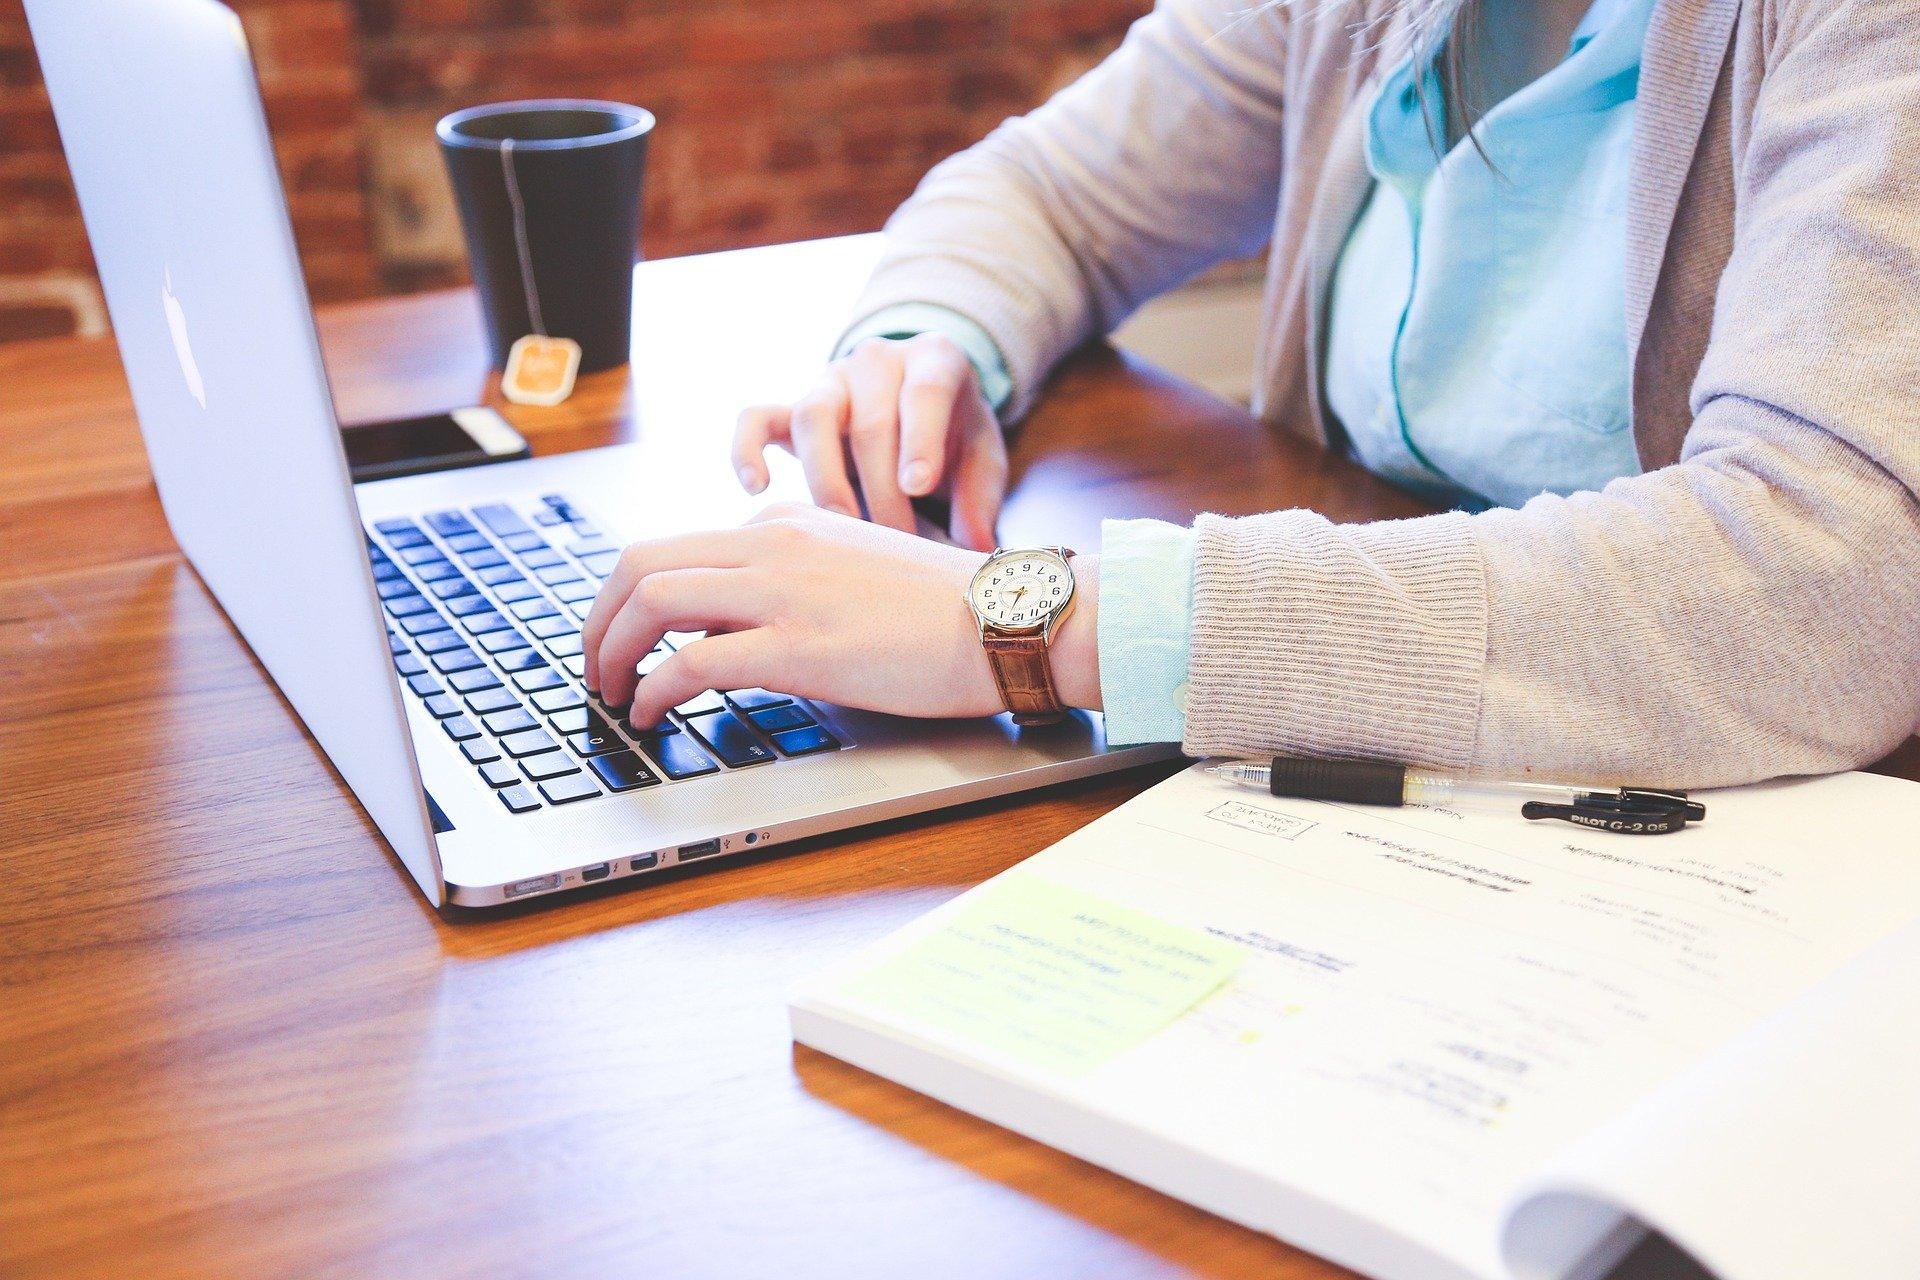 Rechtsverstöße bei Online-Klausuren